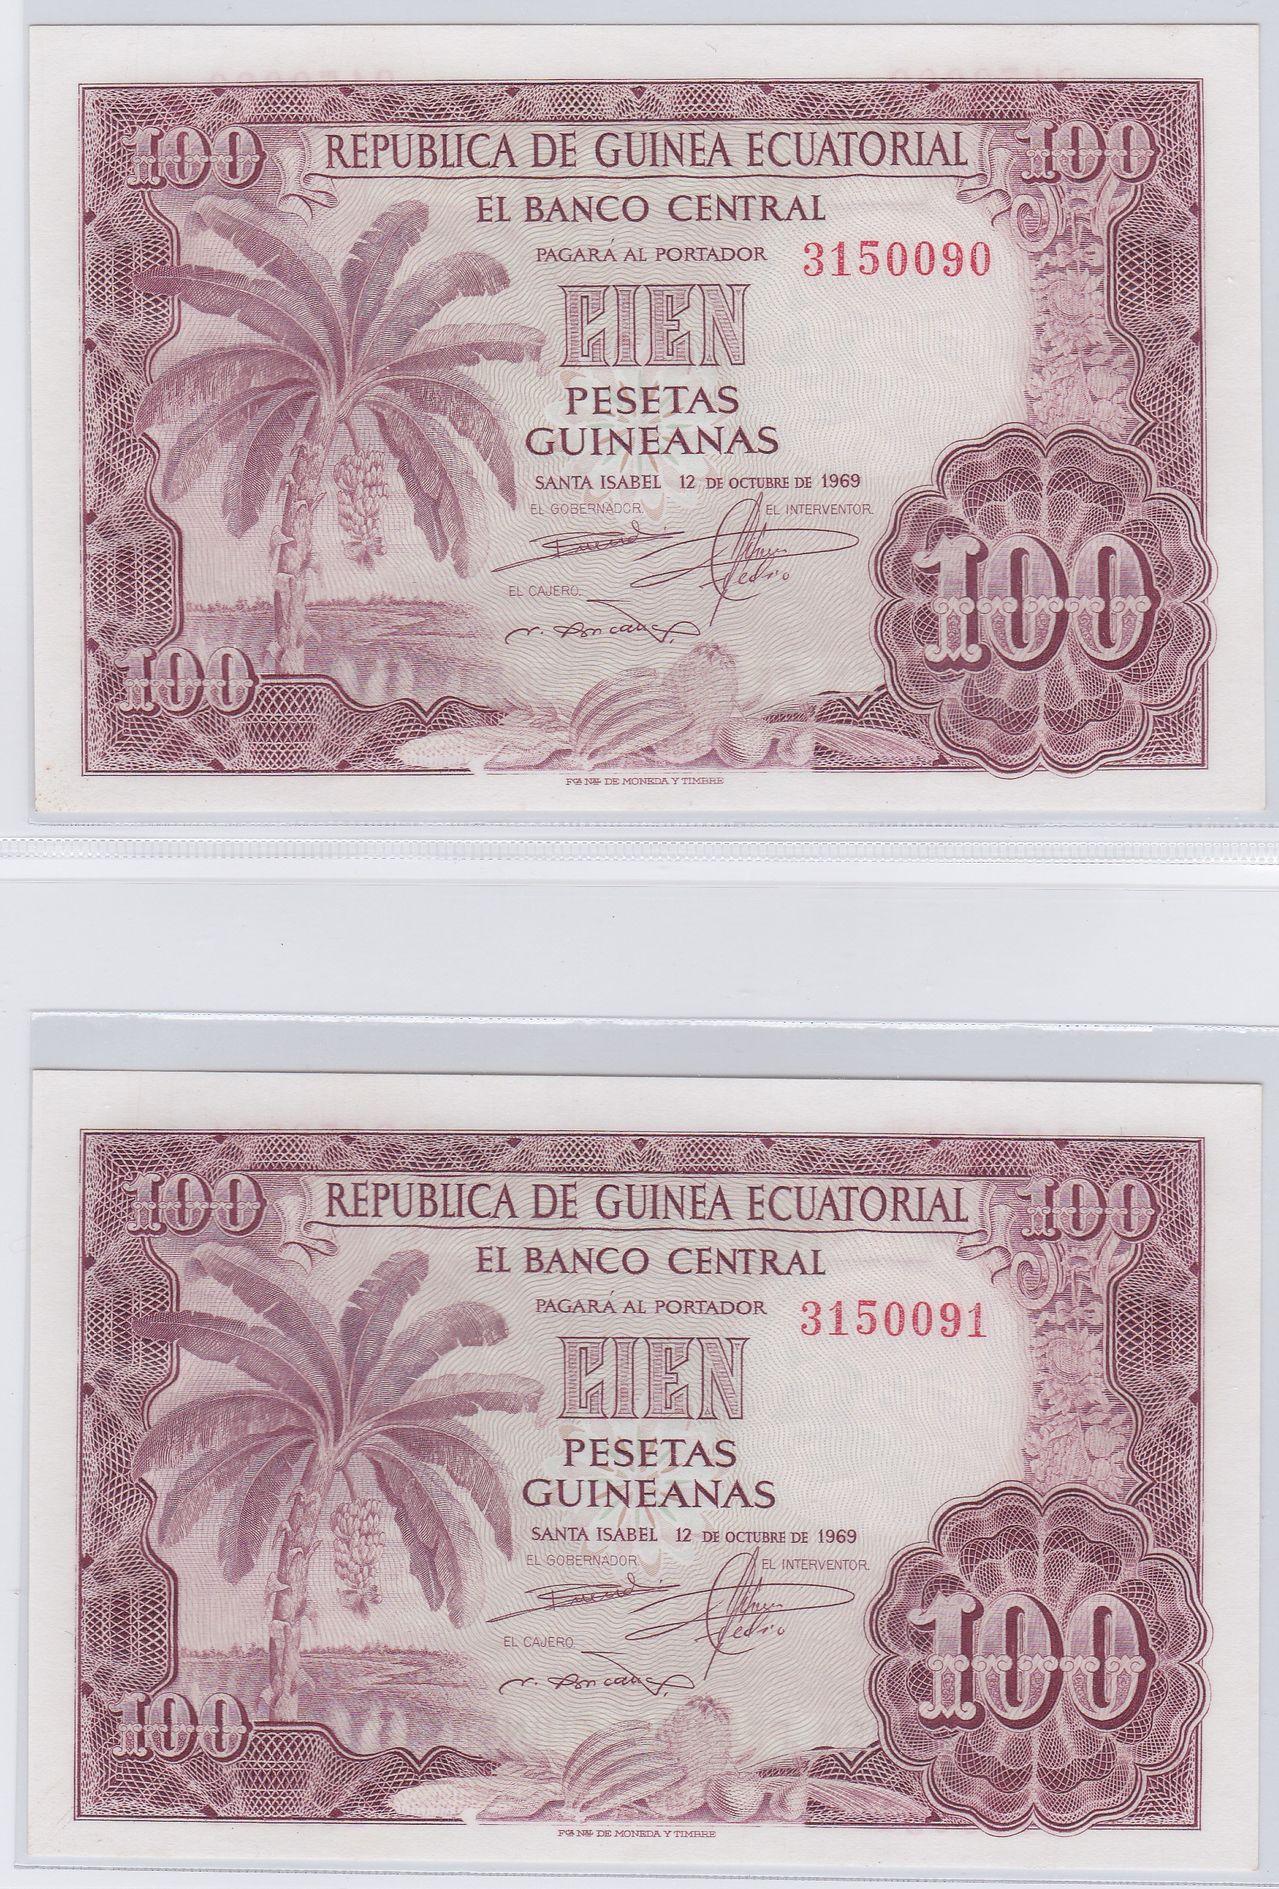 100 Pesetas Guinea Ecuatorial, 1969 (Pareja) 1969_100_pesetas_guineanas_A